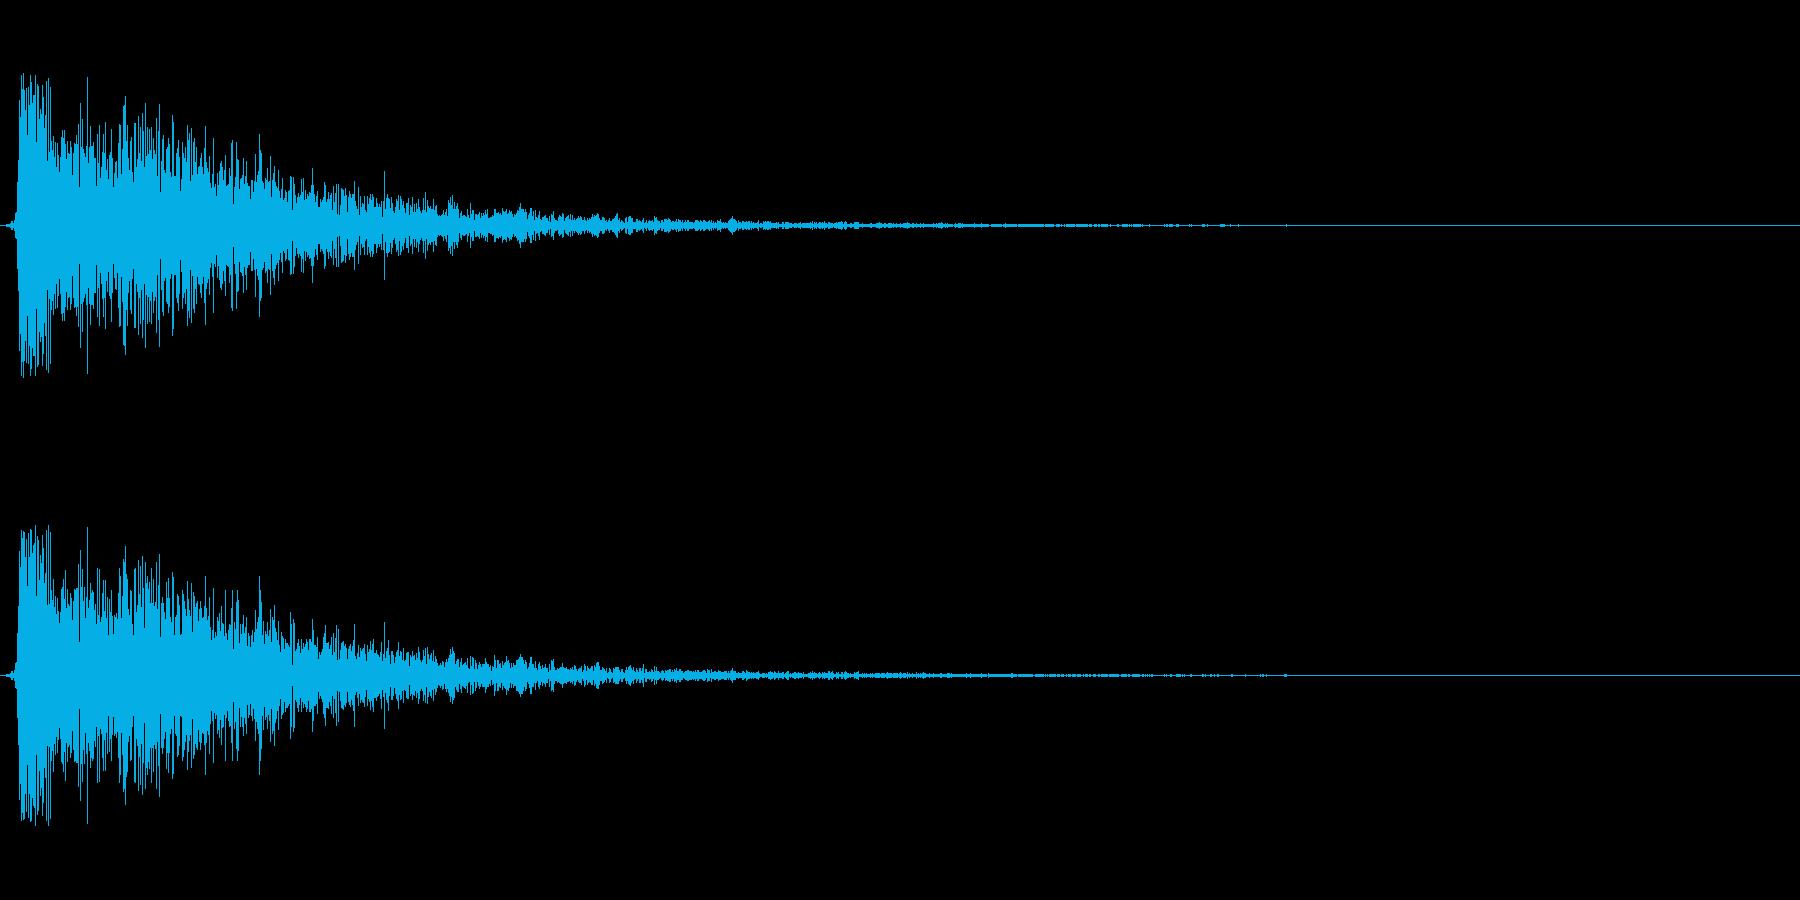 【衝撃04-1】の再生済みの波形